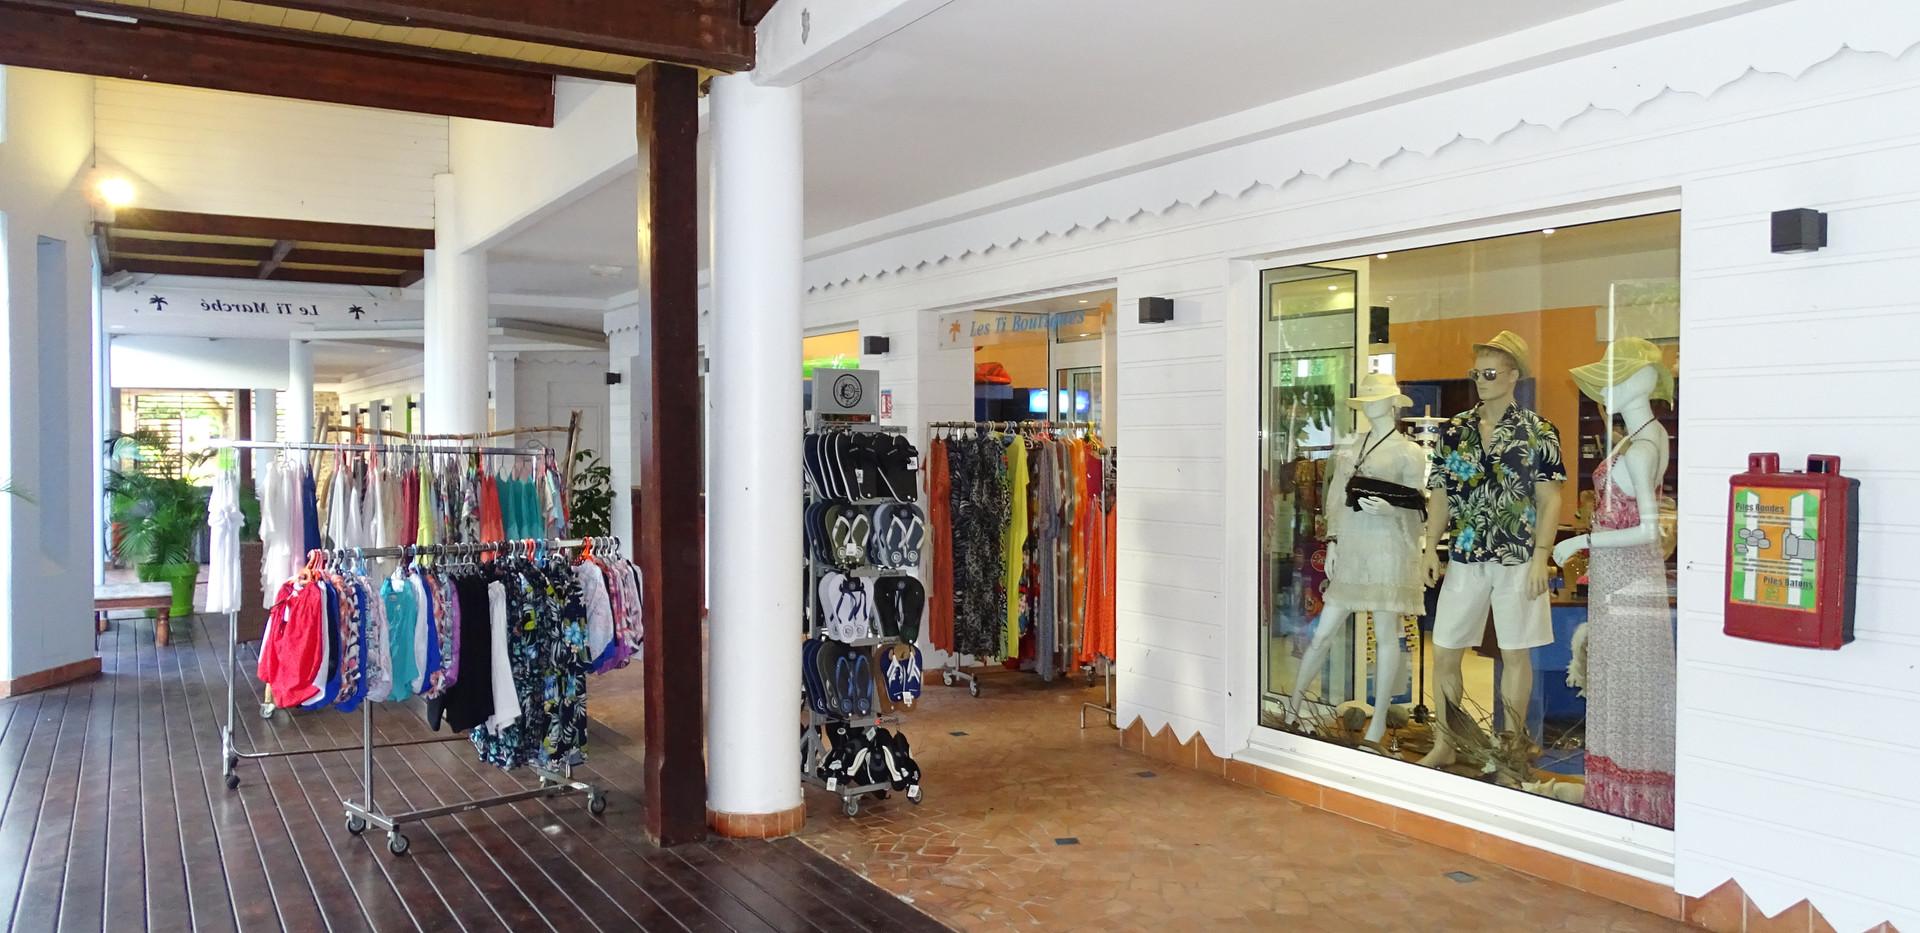 Les ti boutiques